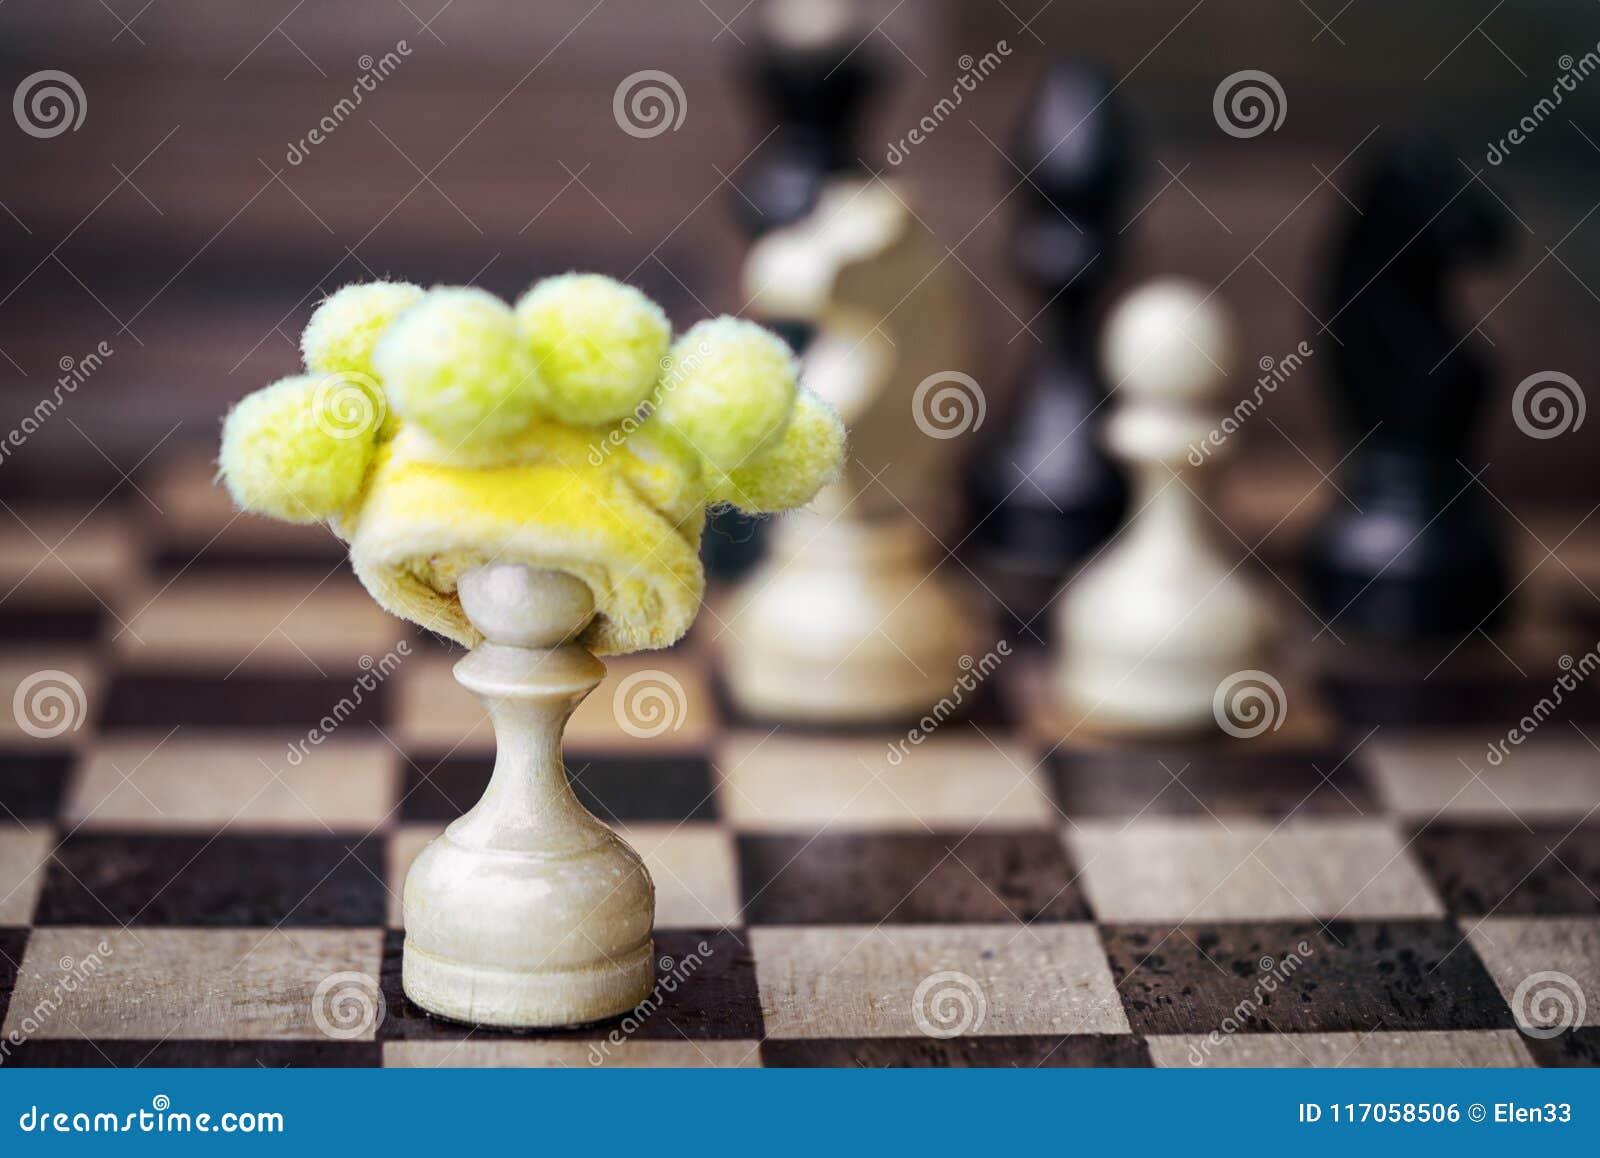 Pegno di scacchi in cappello insensato